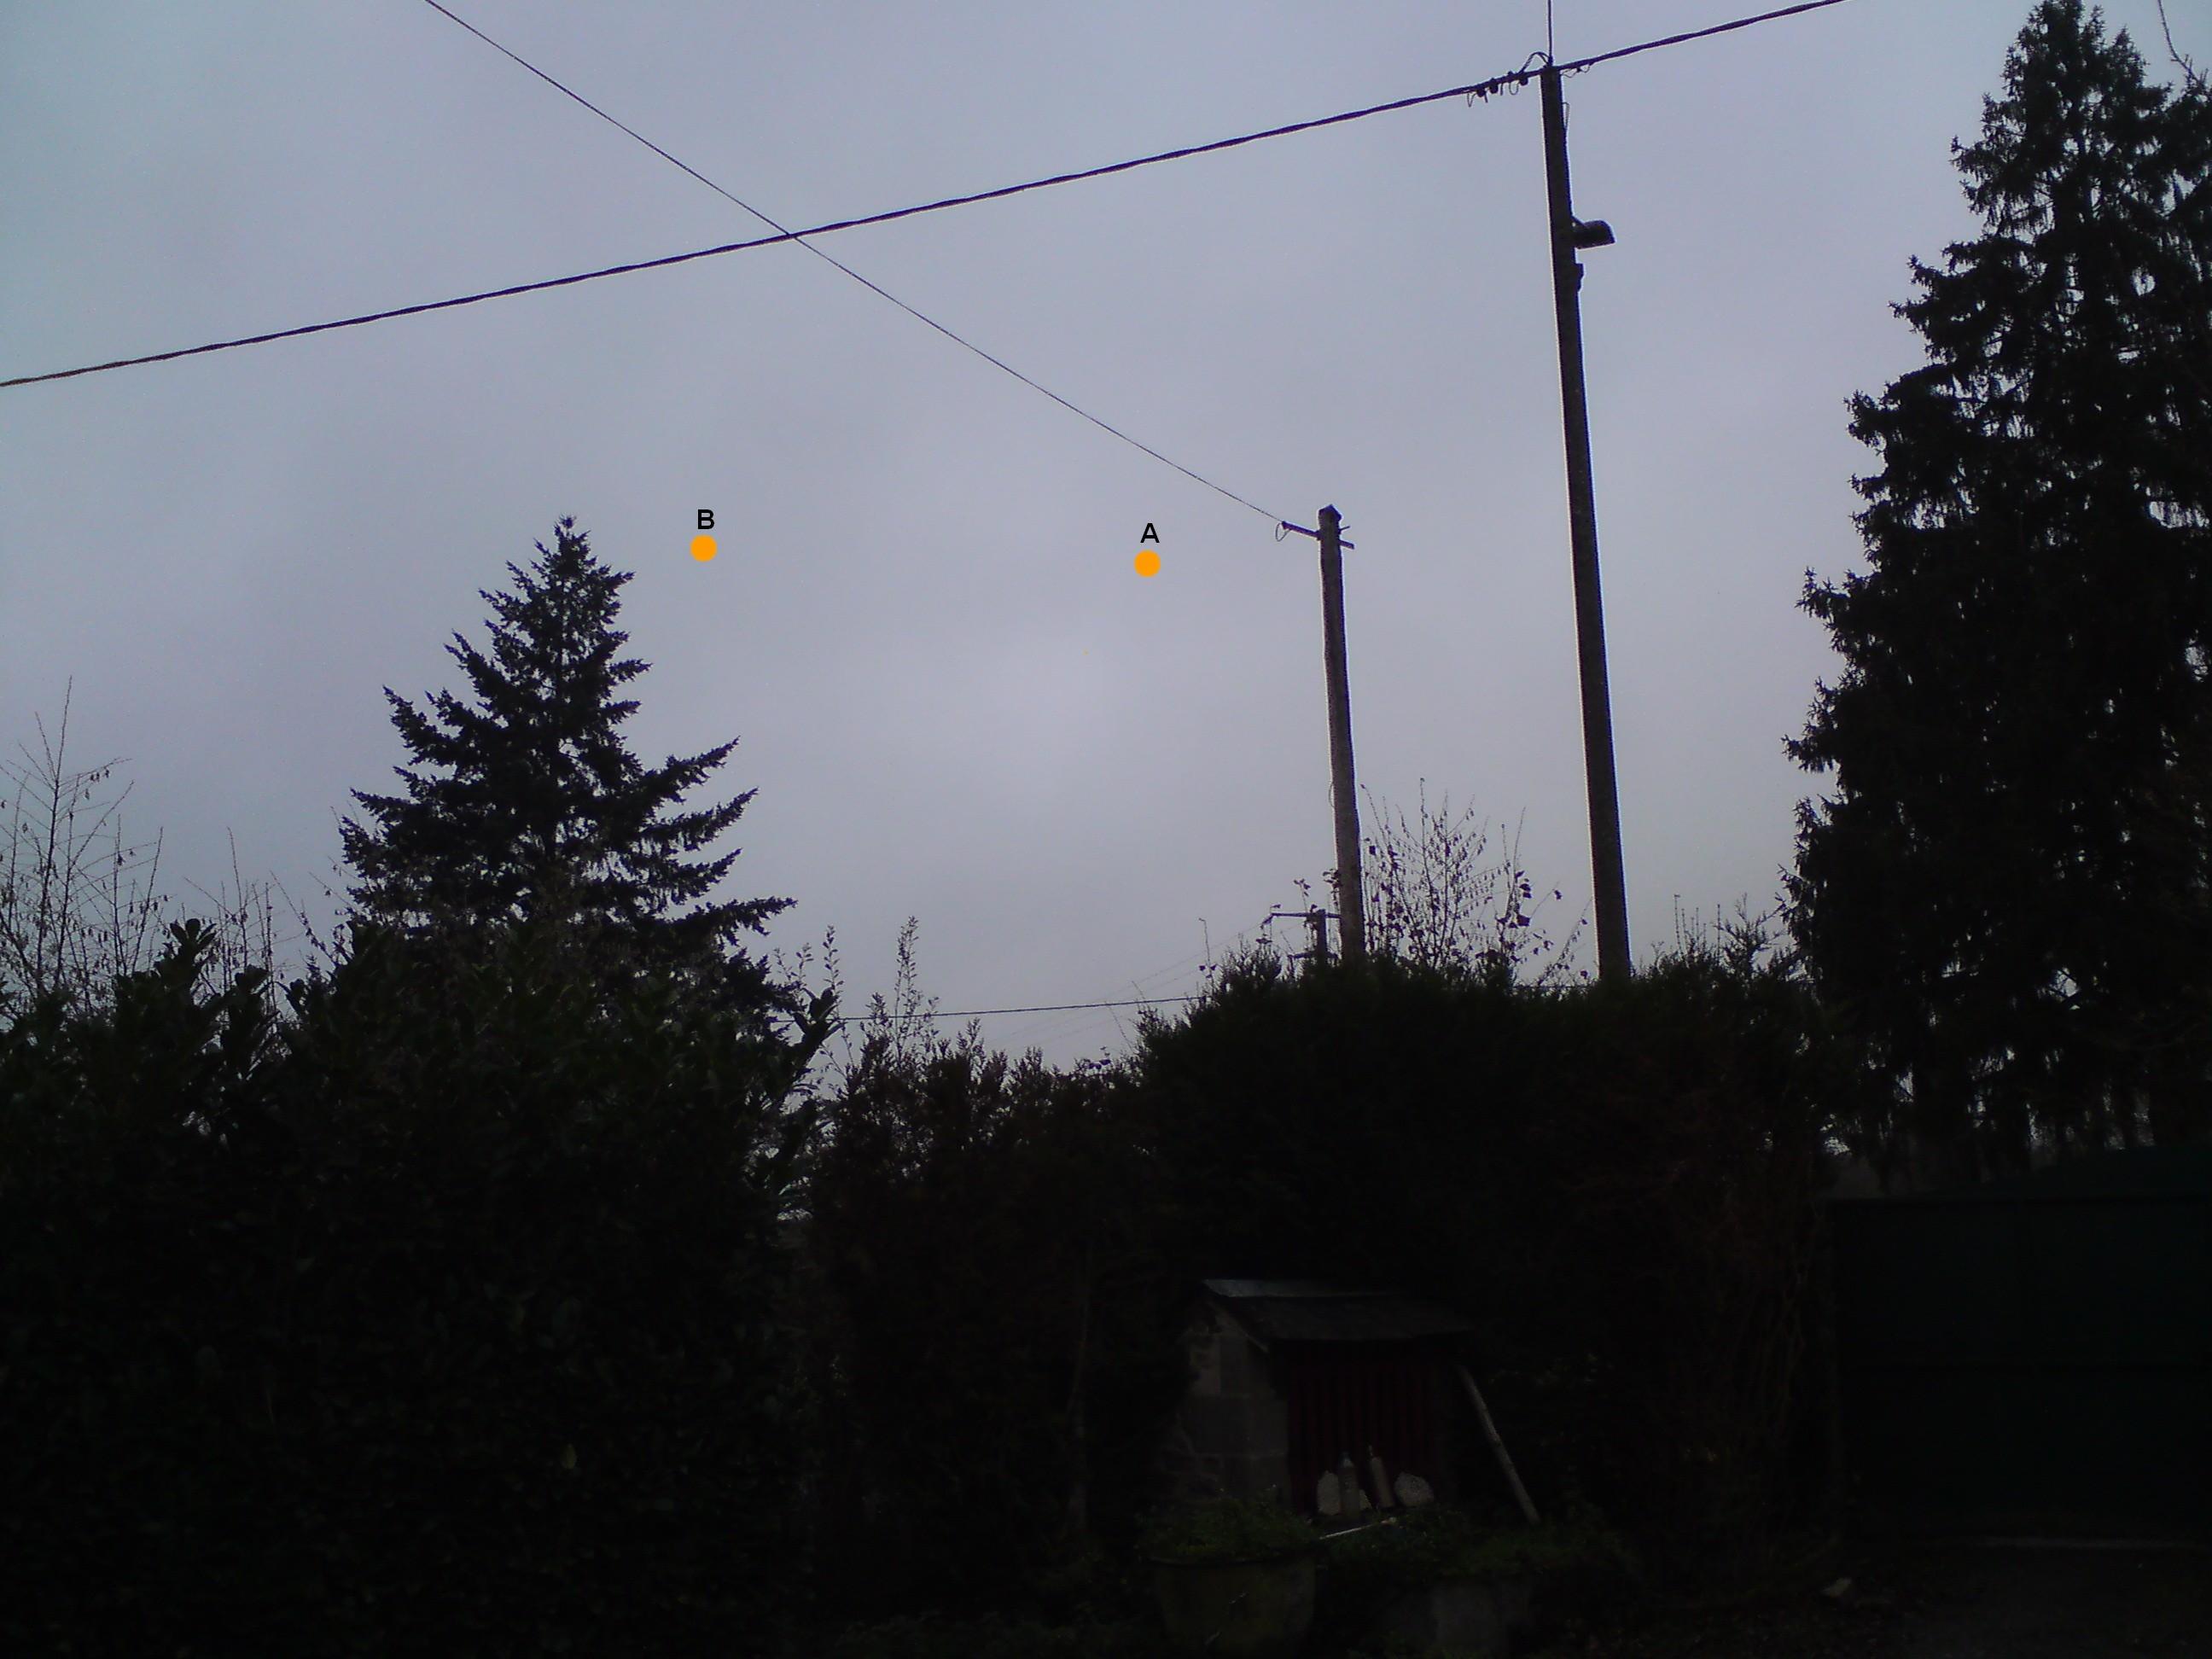 2015: le 03/12 à 20h20 - Boules lumineuses oranges -  Ovnis à Montchevrier - Indre (dép.36) 430895DSC00076